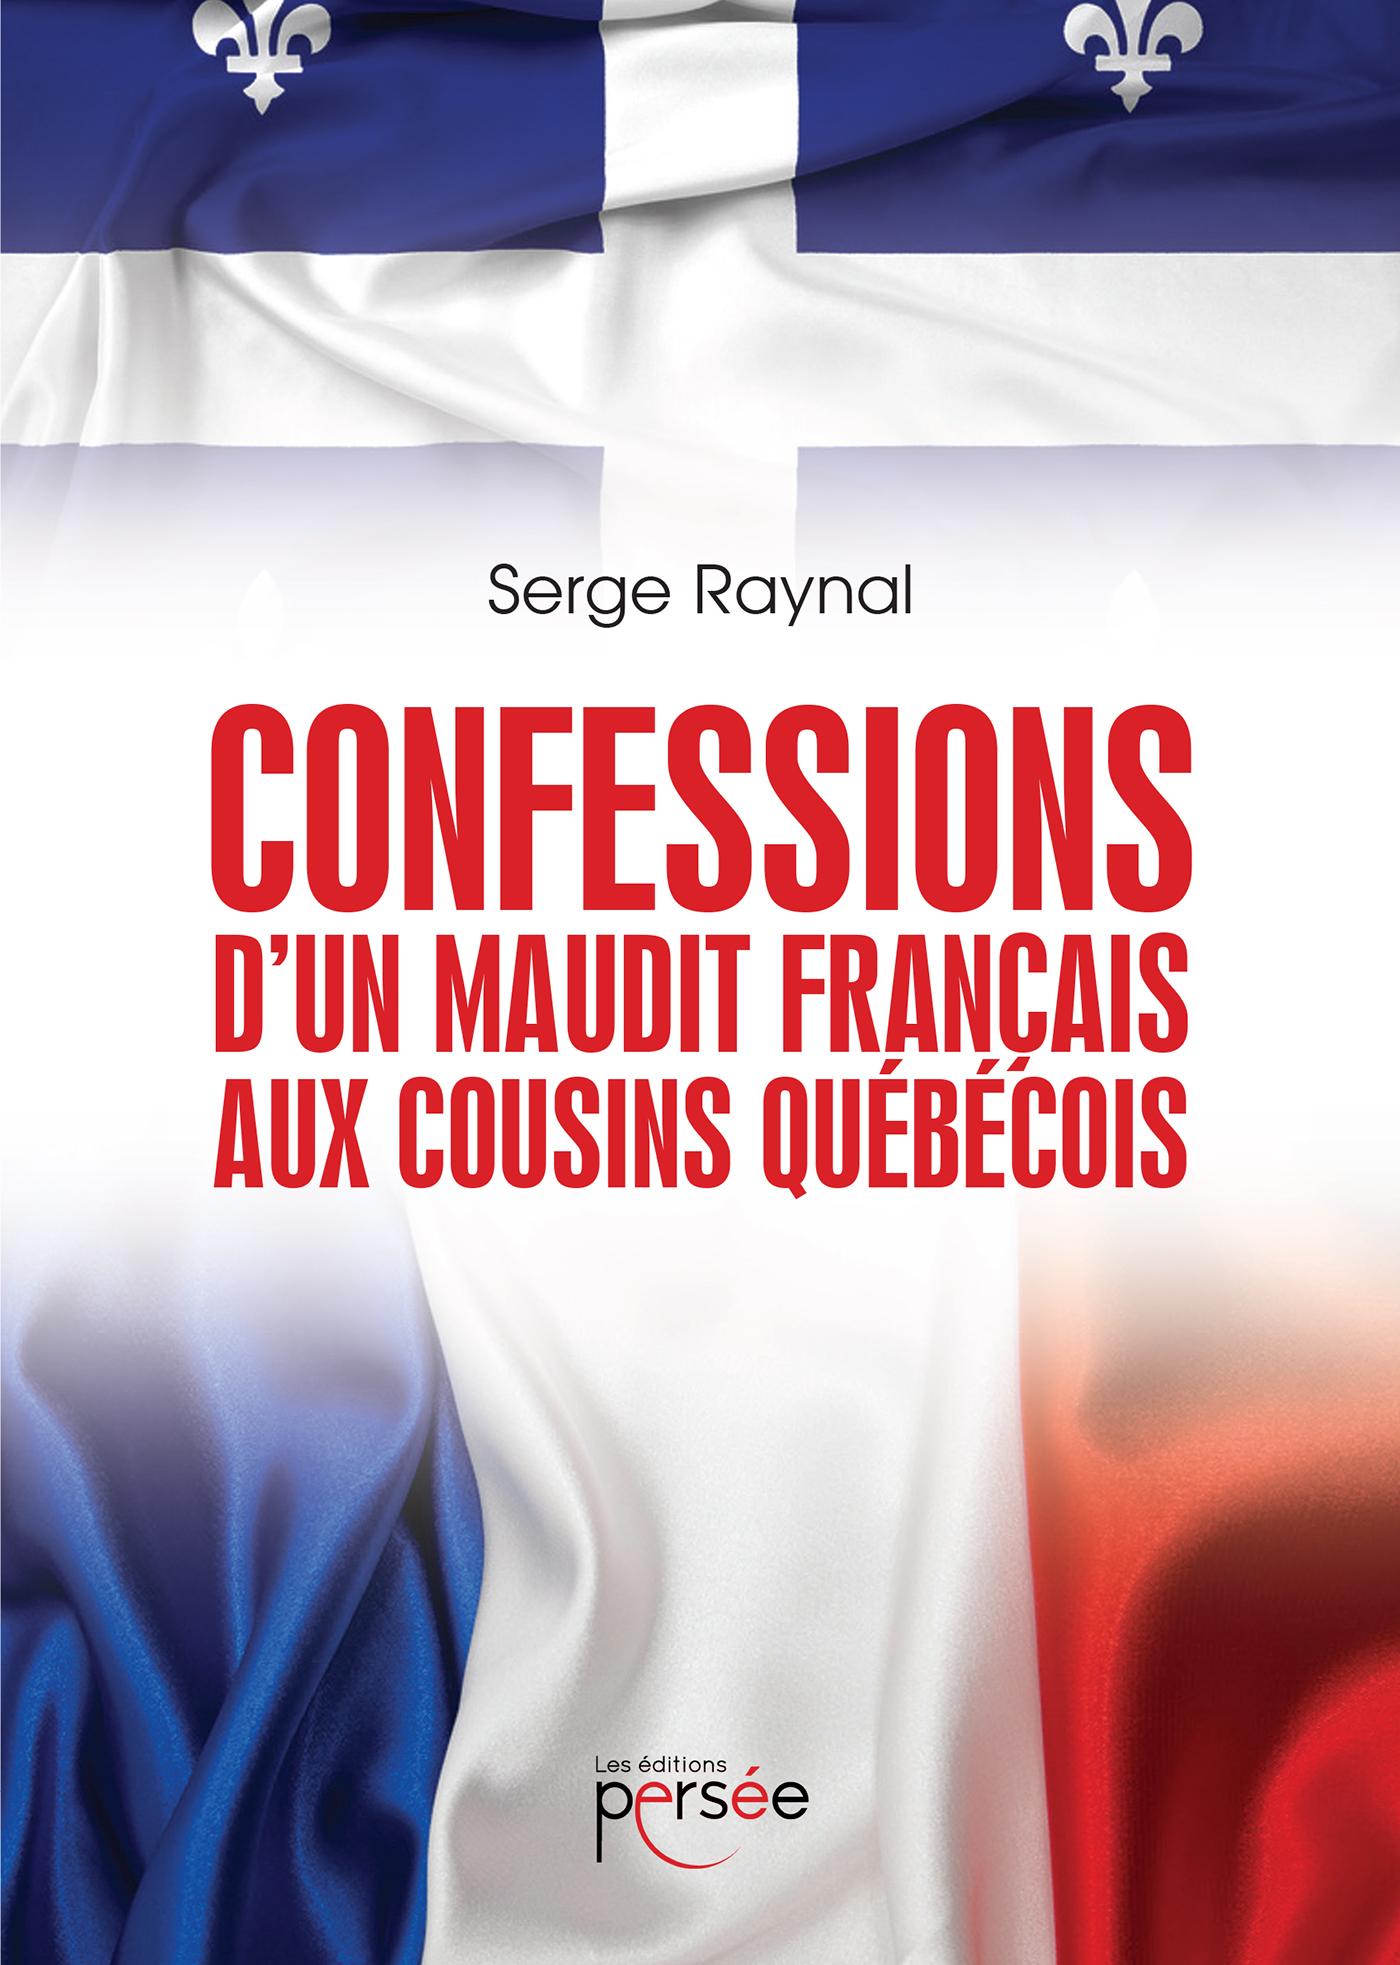 Confessions d'un maudit français aux cousins Québecois